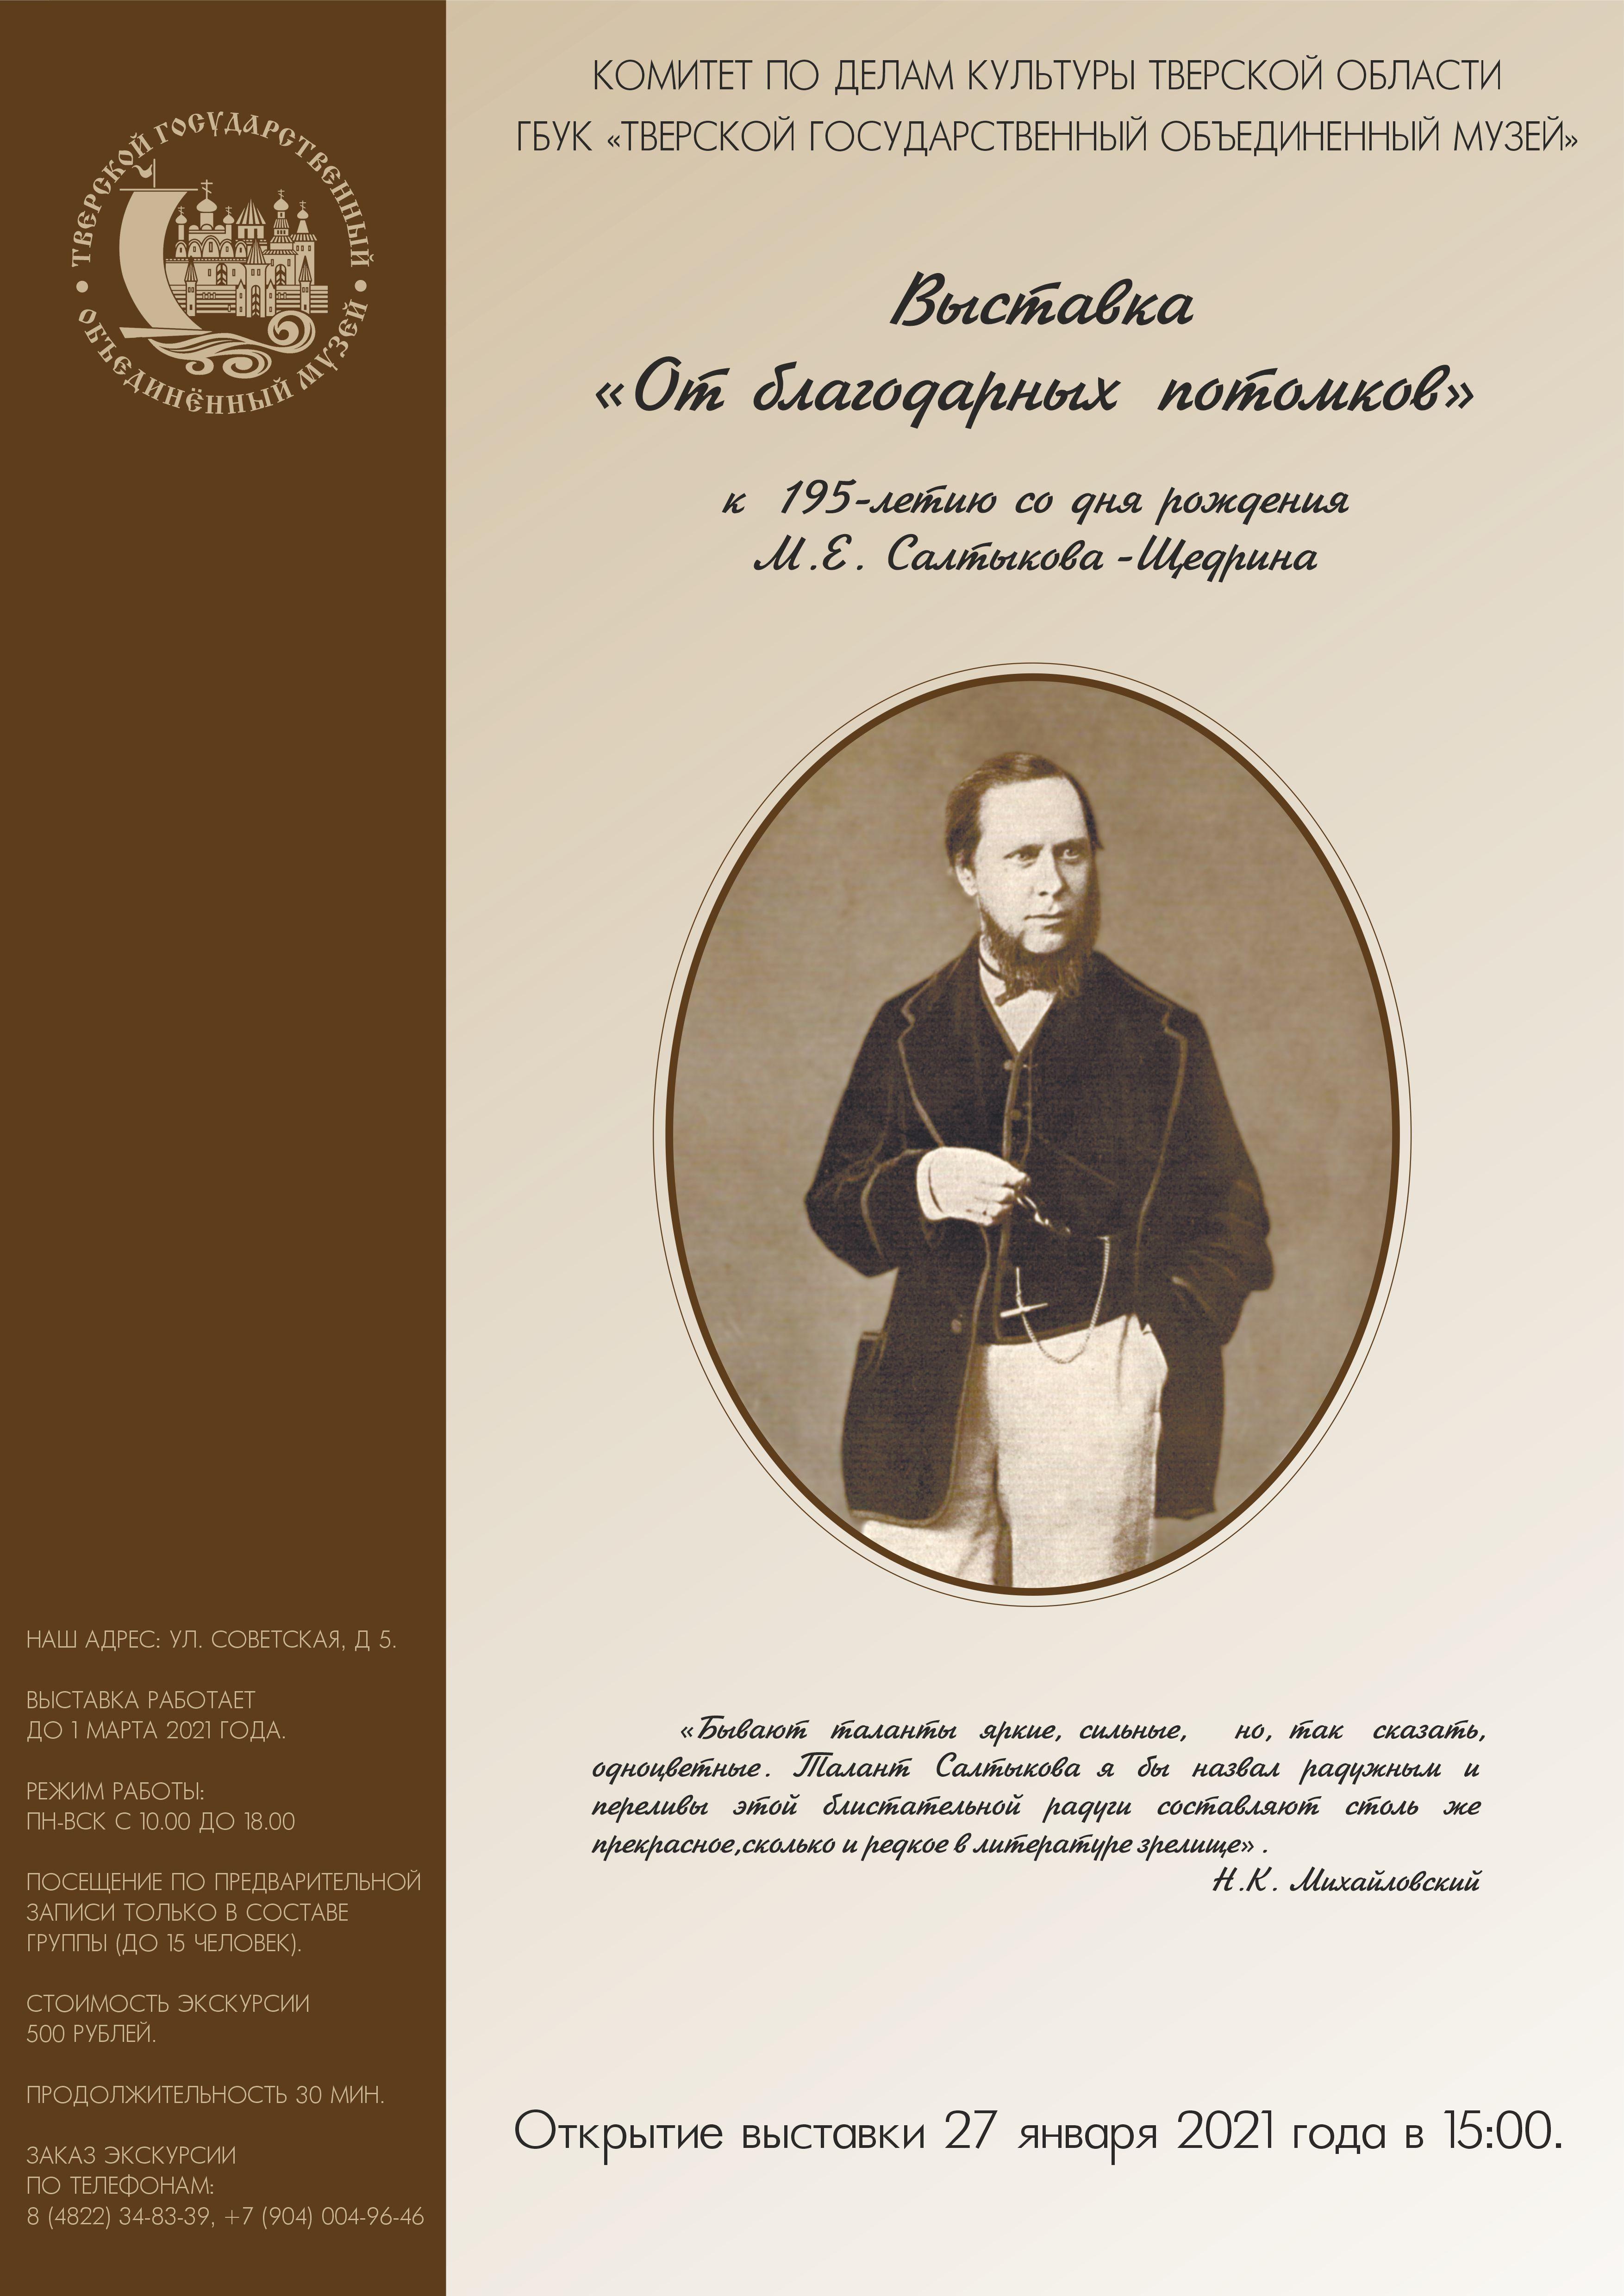 В честь дня рождения Салтыкова-Щедрина в здании Тверского краеведческого музея откроют выставку